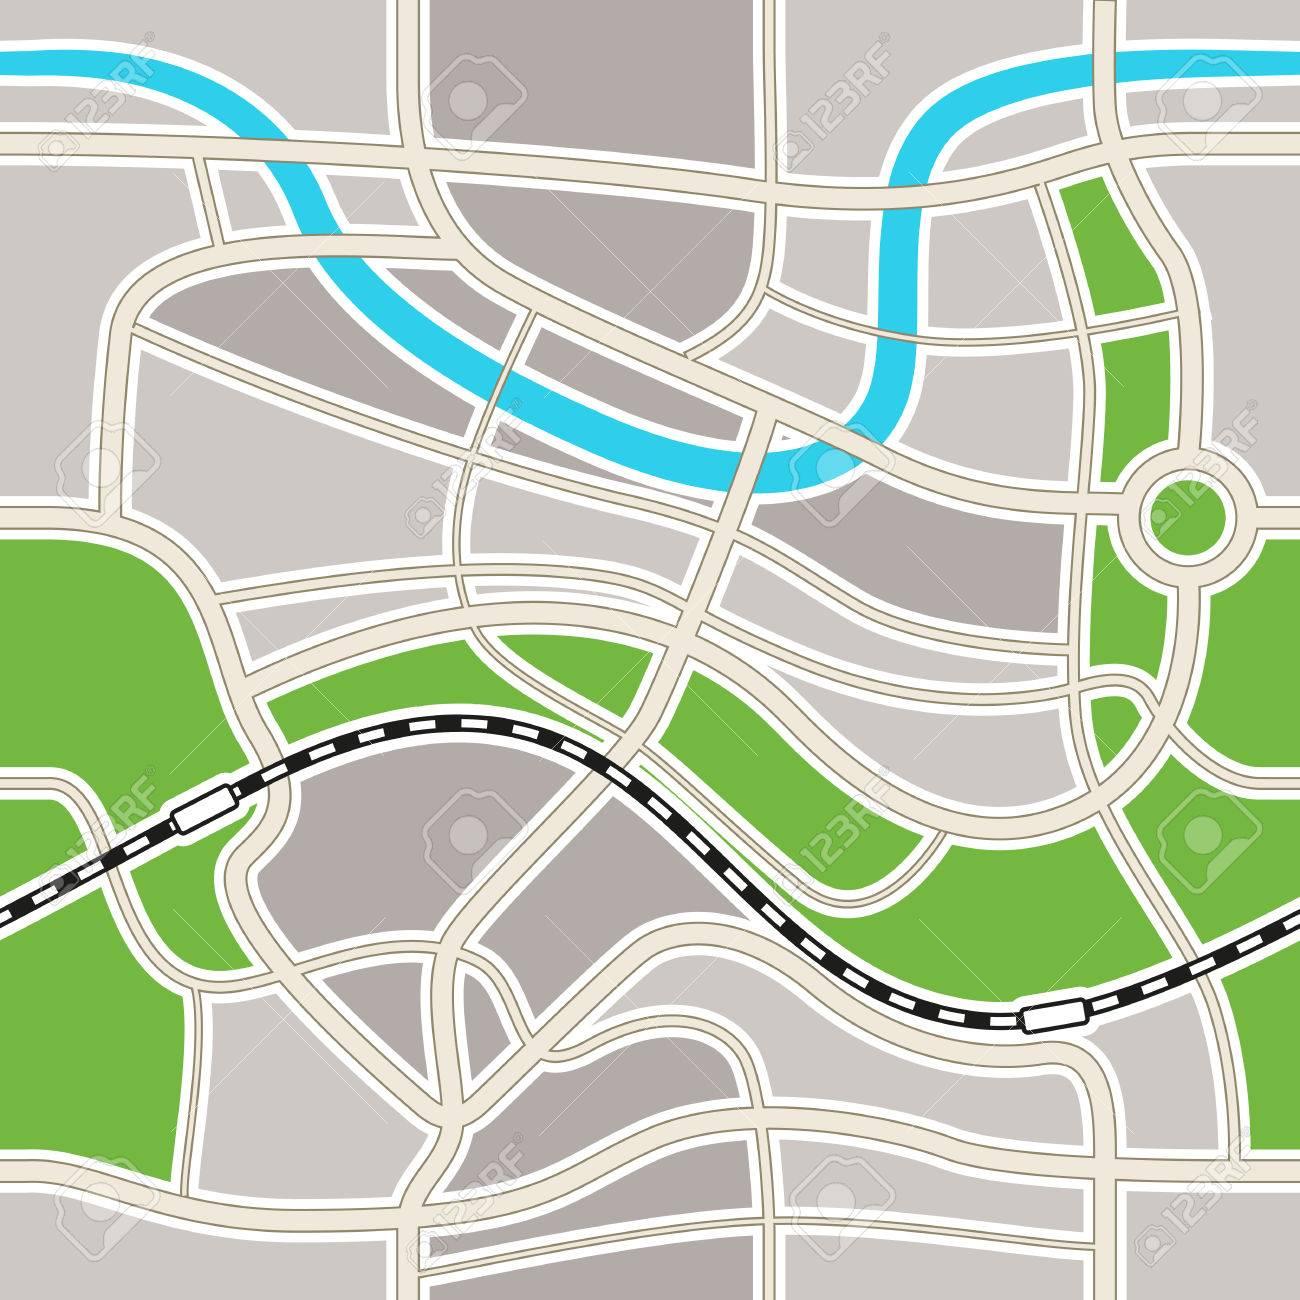 抽象的な都市地図イラストのイラスト素材ベクタ Image 31051799